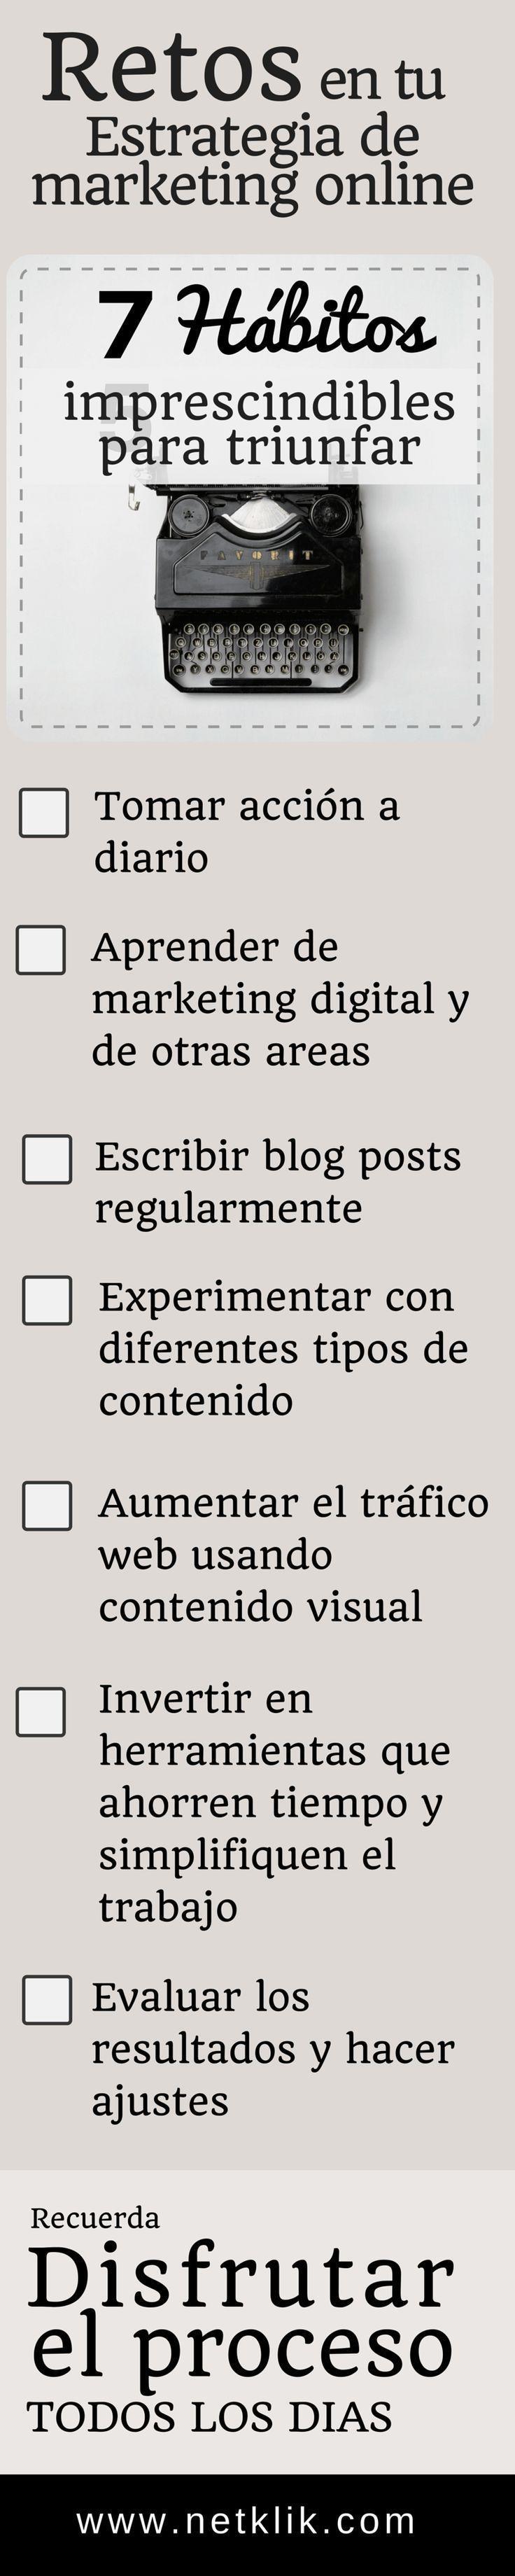 estrategias de marketing online checklist